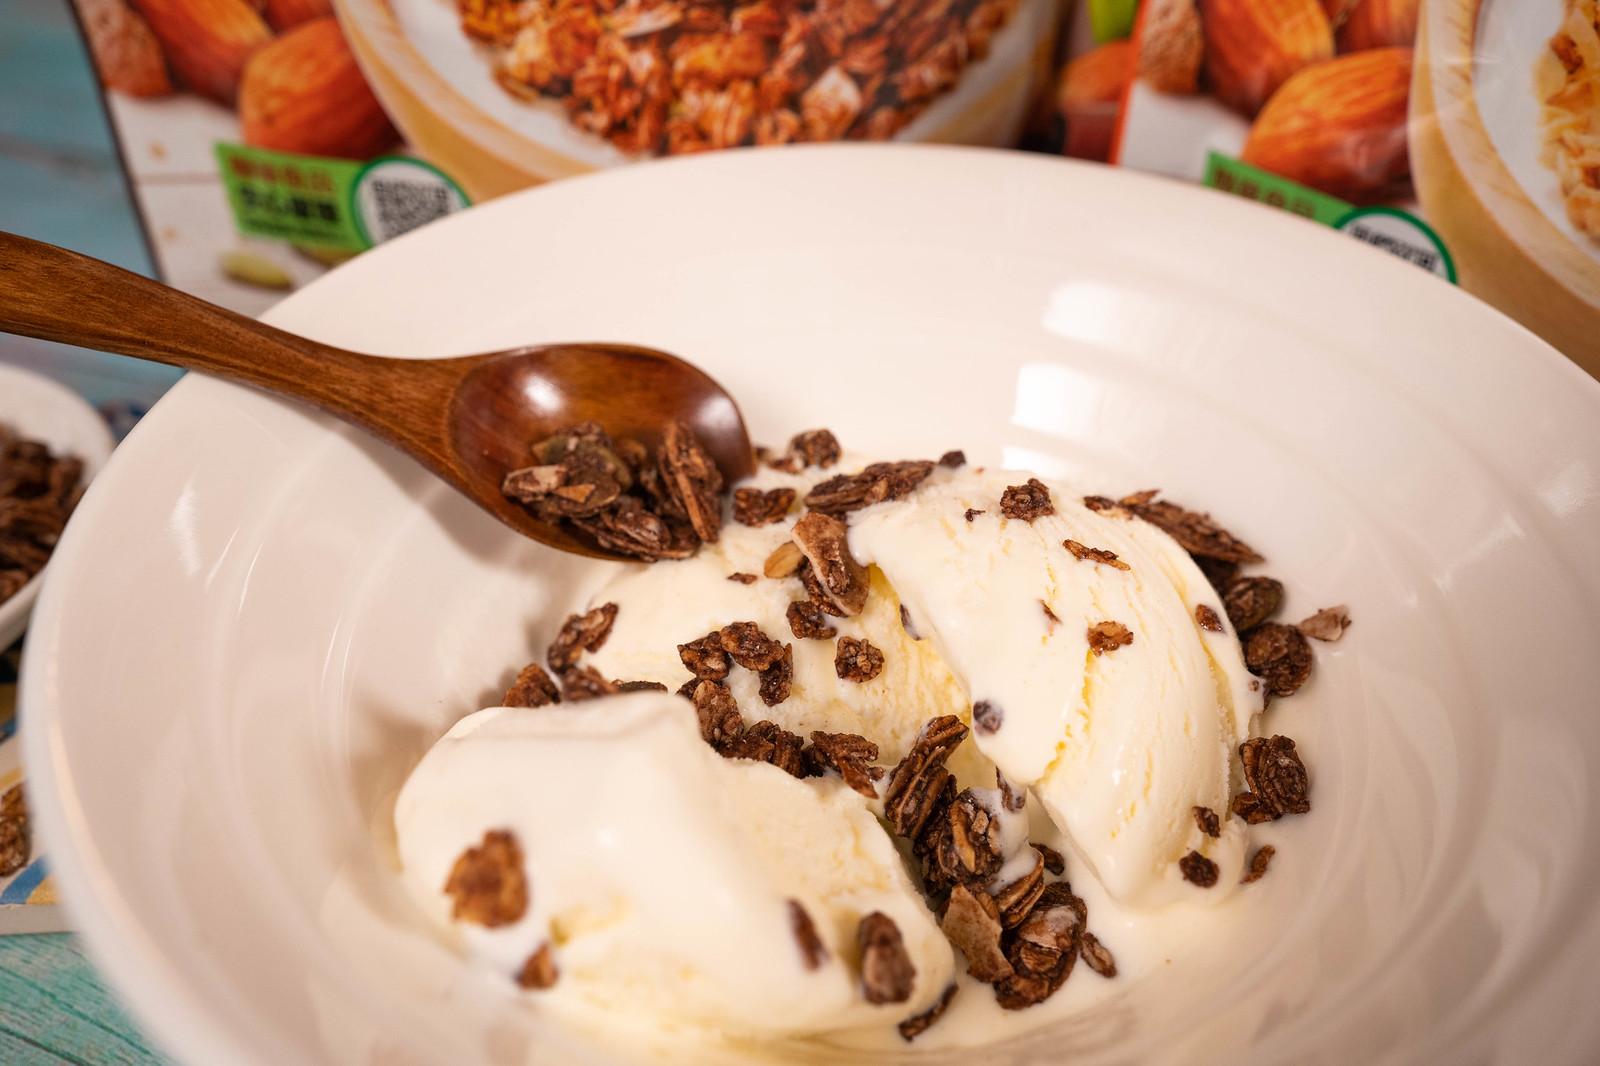 萬歲牌堅穀力 加上冰淇淋